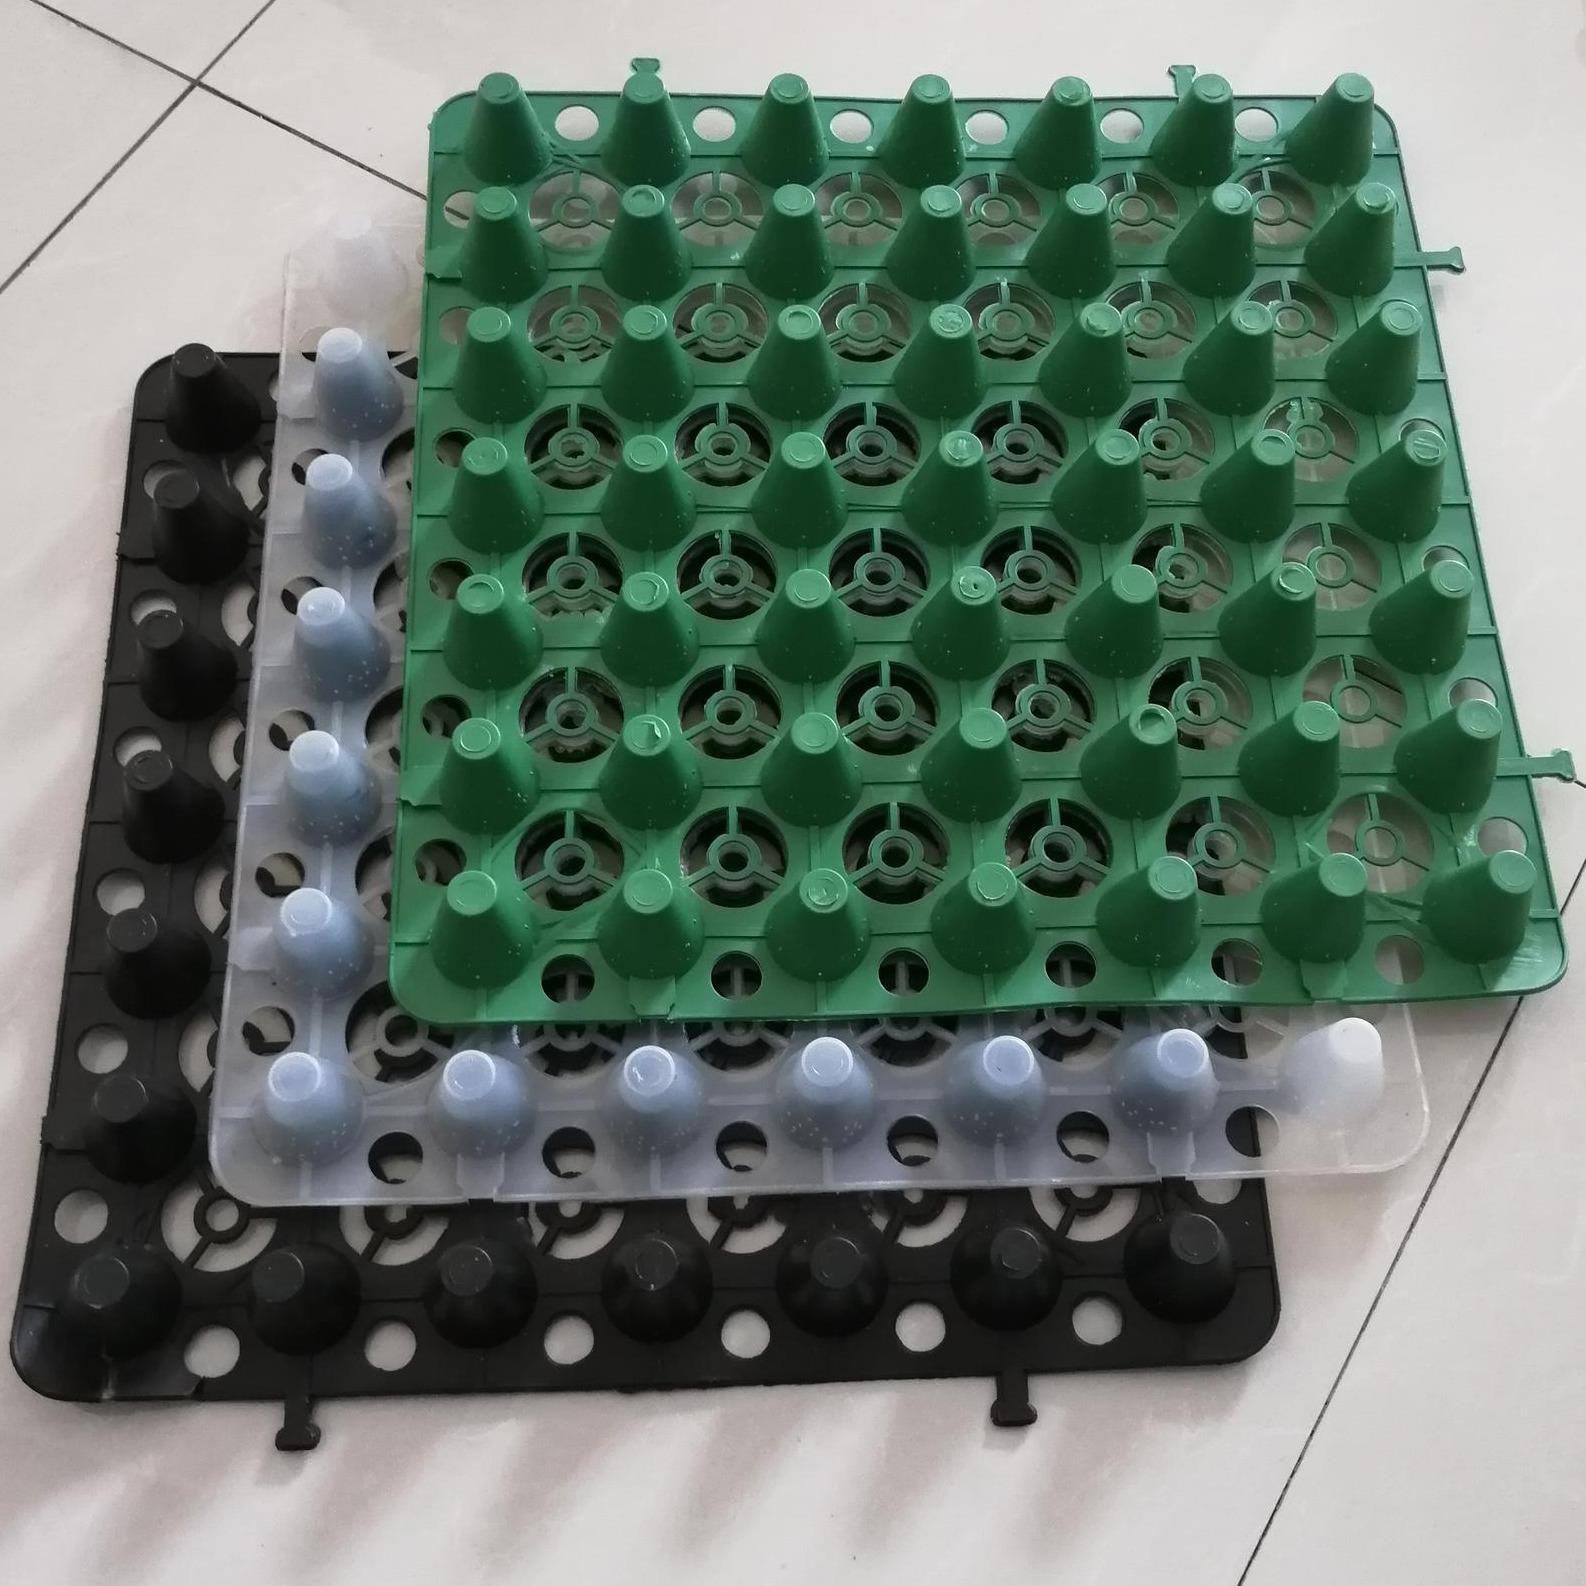 塑料排水板 塑料排水板廠家批發 質量穩定 泰安嘉吉 十年老廠